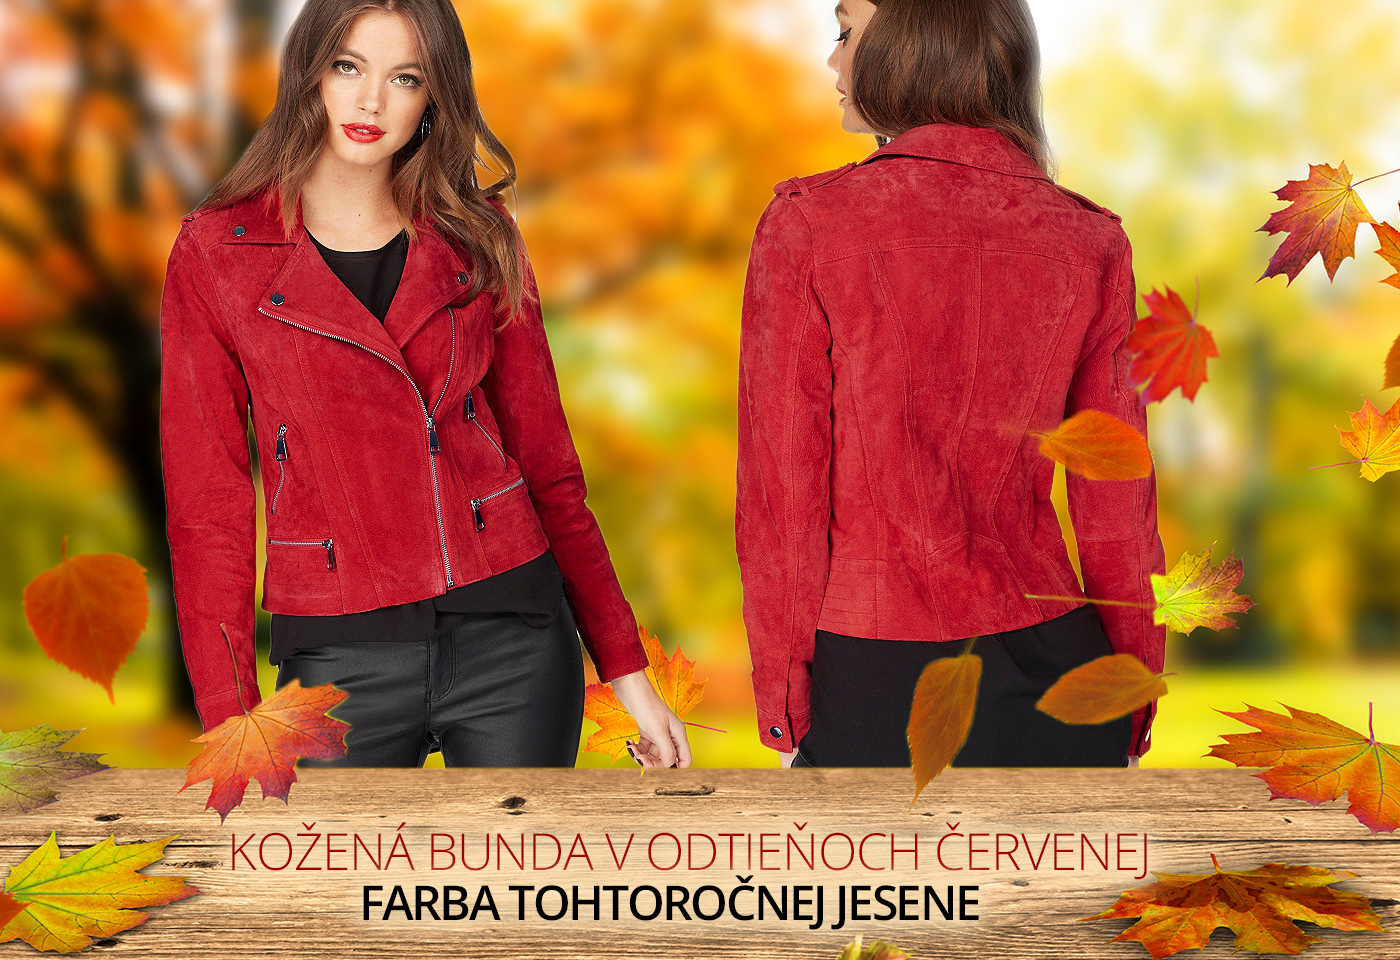 Kúpte si štýlovú koženú bundu v odtieňoch červenej, farbe tohtoročnej jesene a budete za hviezdu.